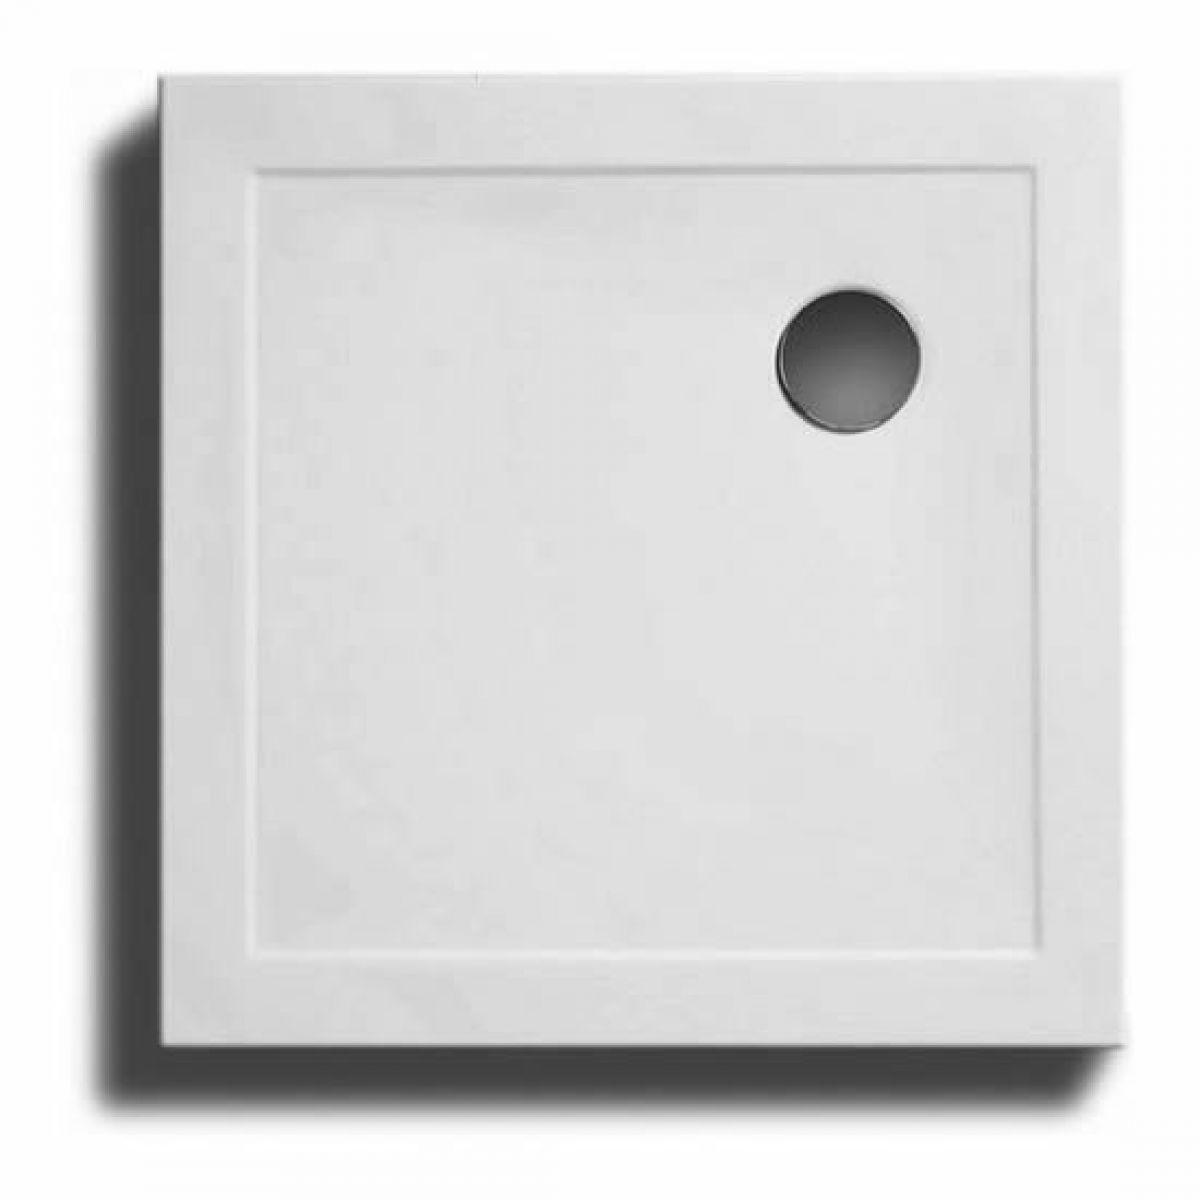 Zamori 35mm Low Profile Square Shower Tray